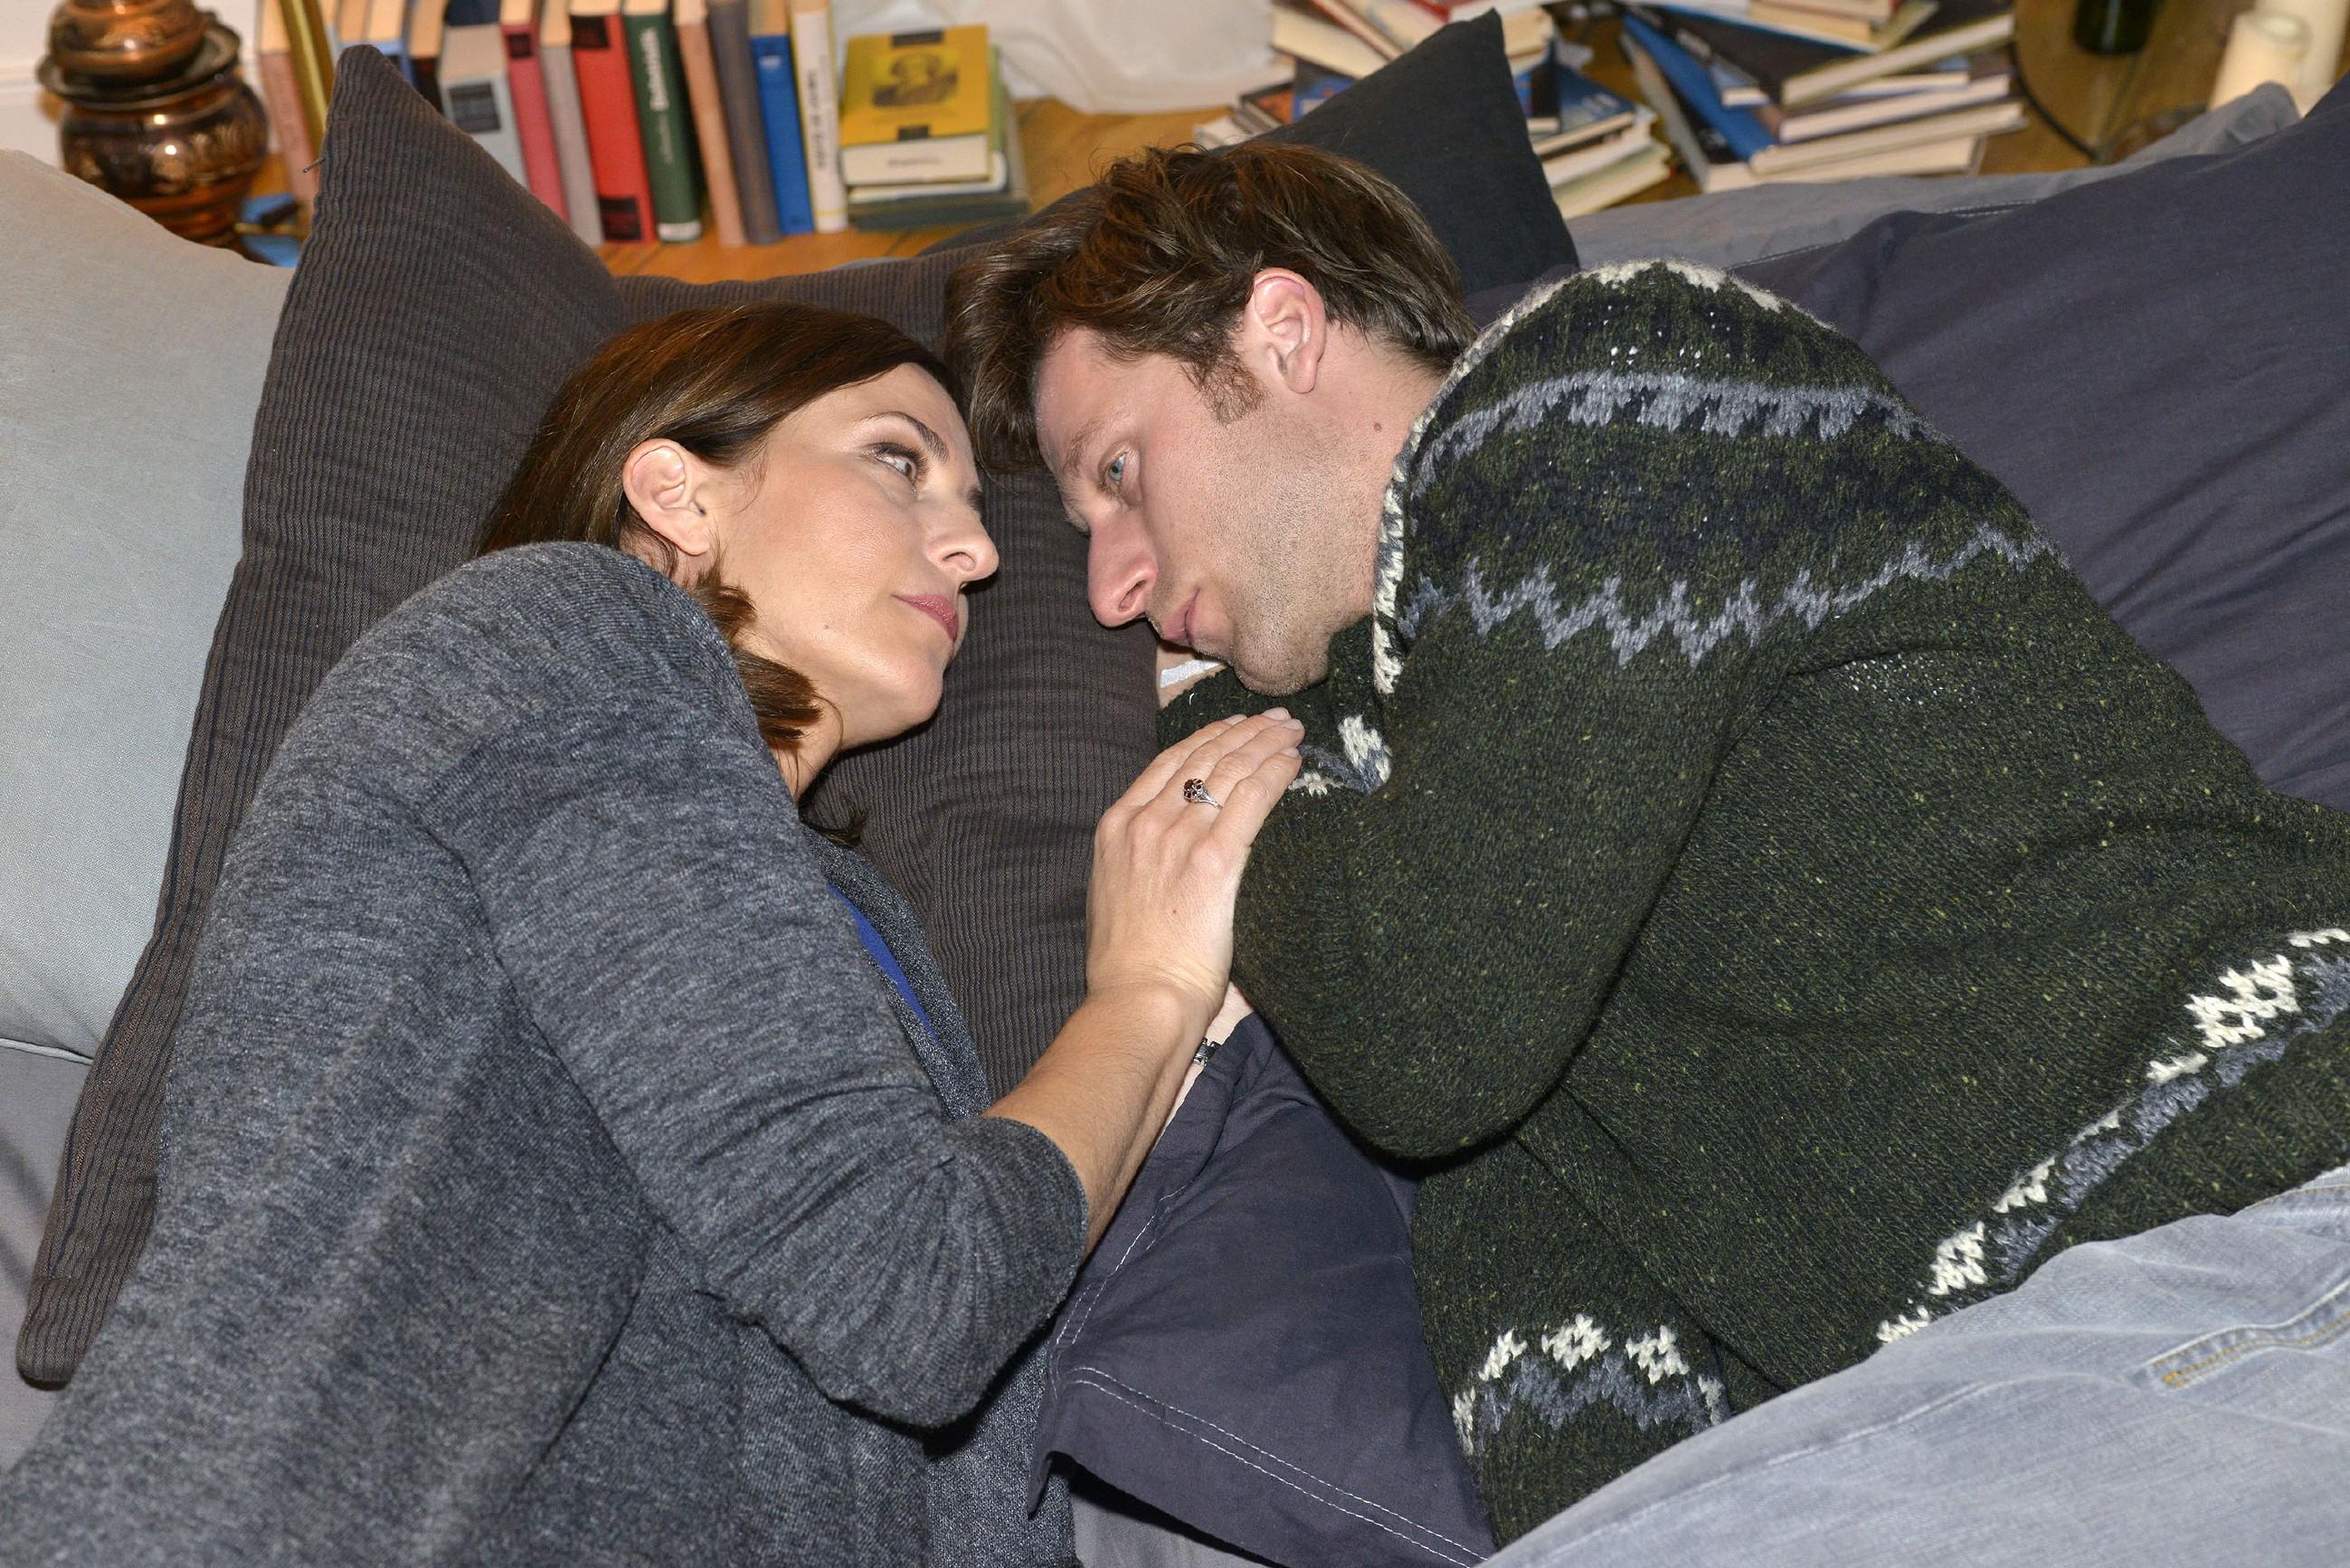 Till (Merlin Leonhardt) ist froh, dass Katrin (Ulrike Frank) seine Entscheidung akzeptiert und einfach für ihn da ist. (Quelle: RTL / Rolf Baumgartner)